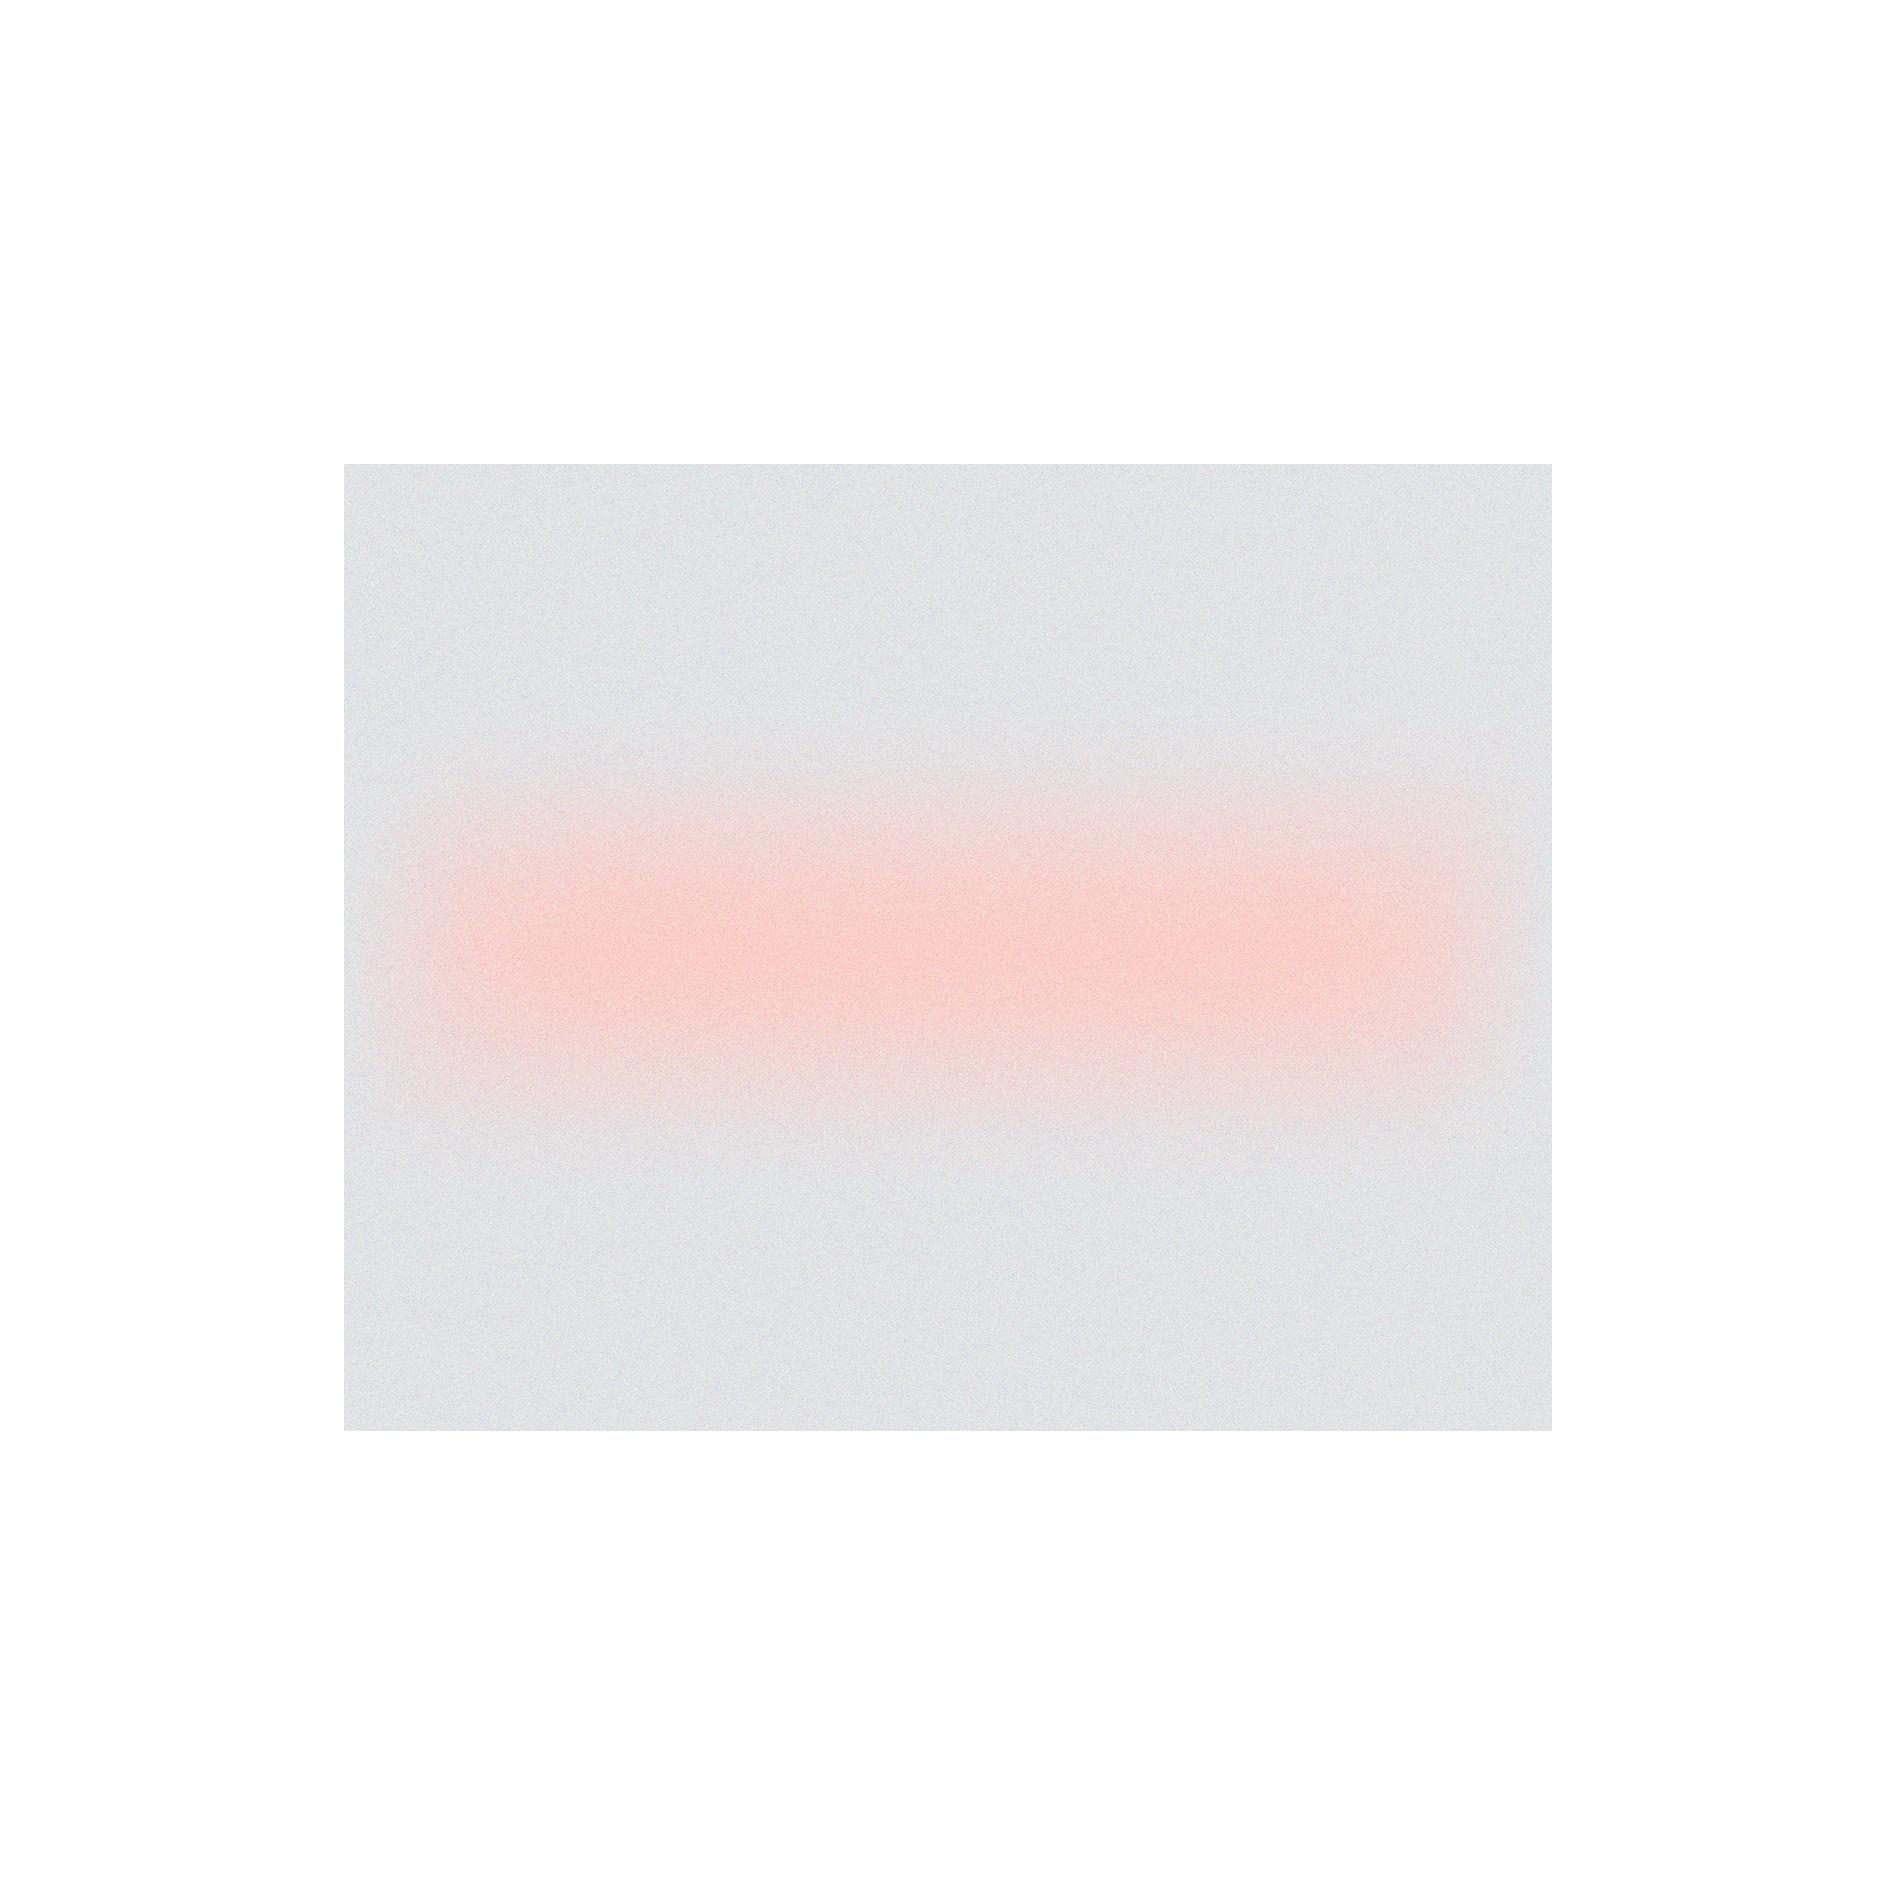 color-experimentation_207_crop.jpg